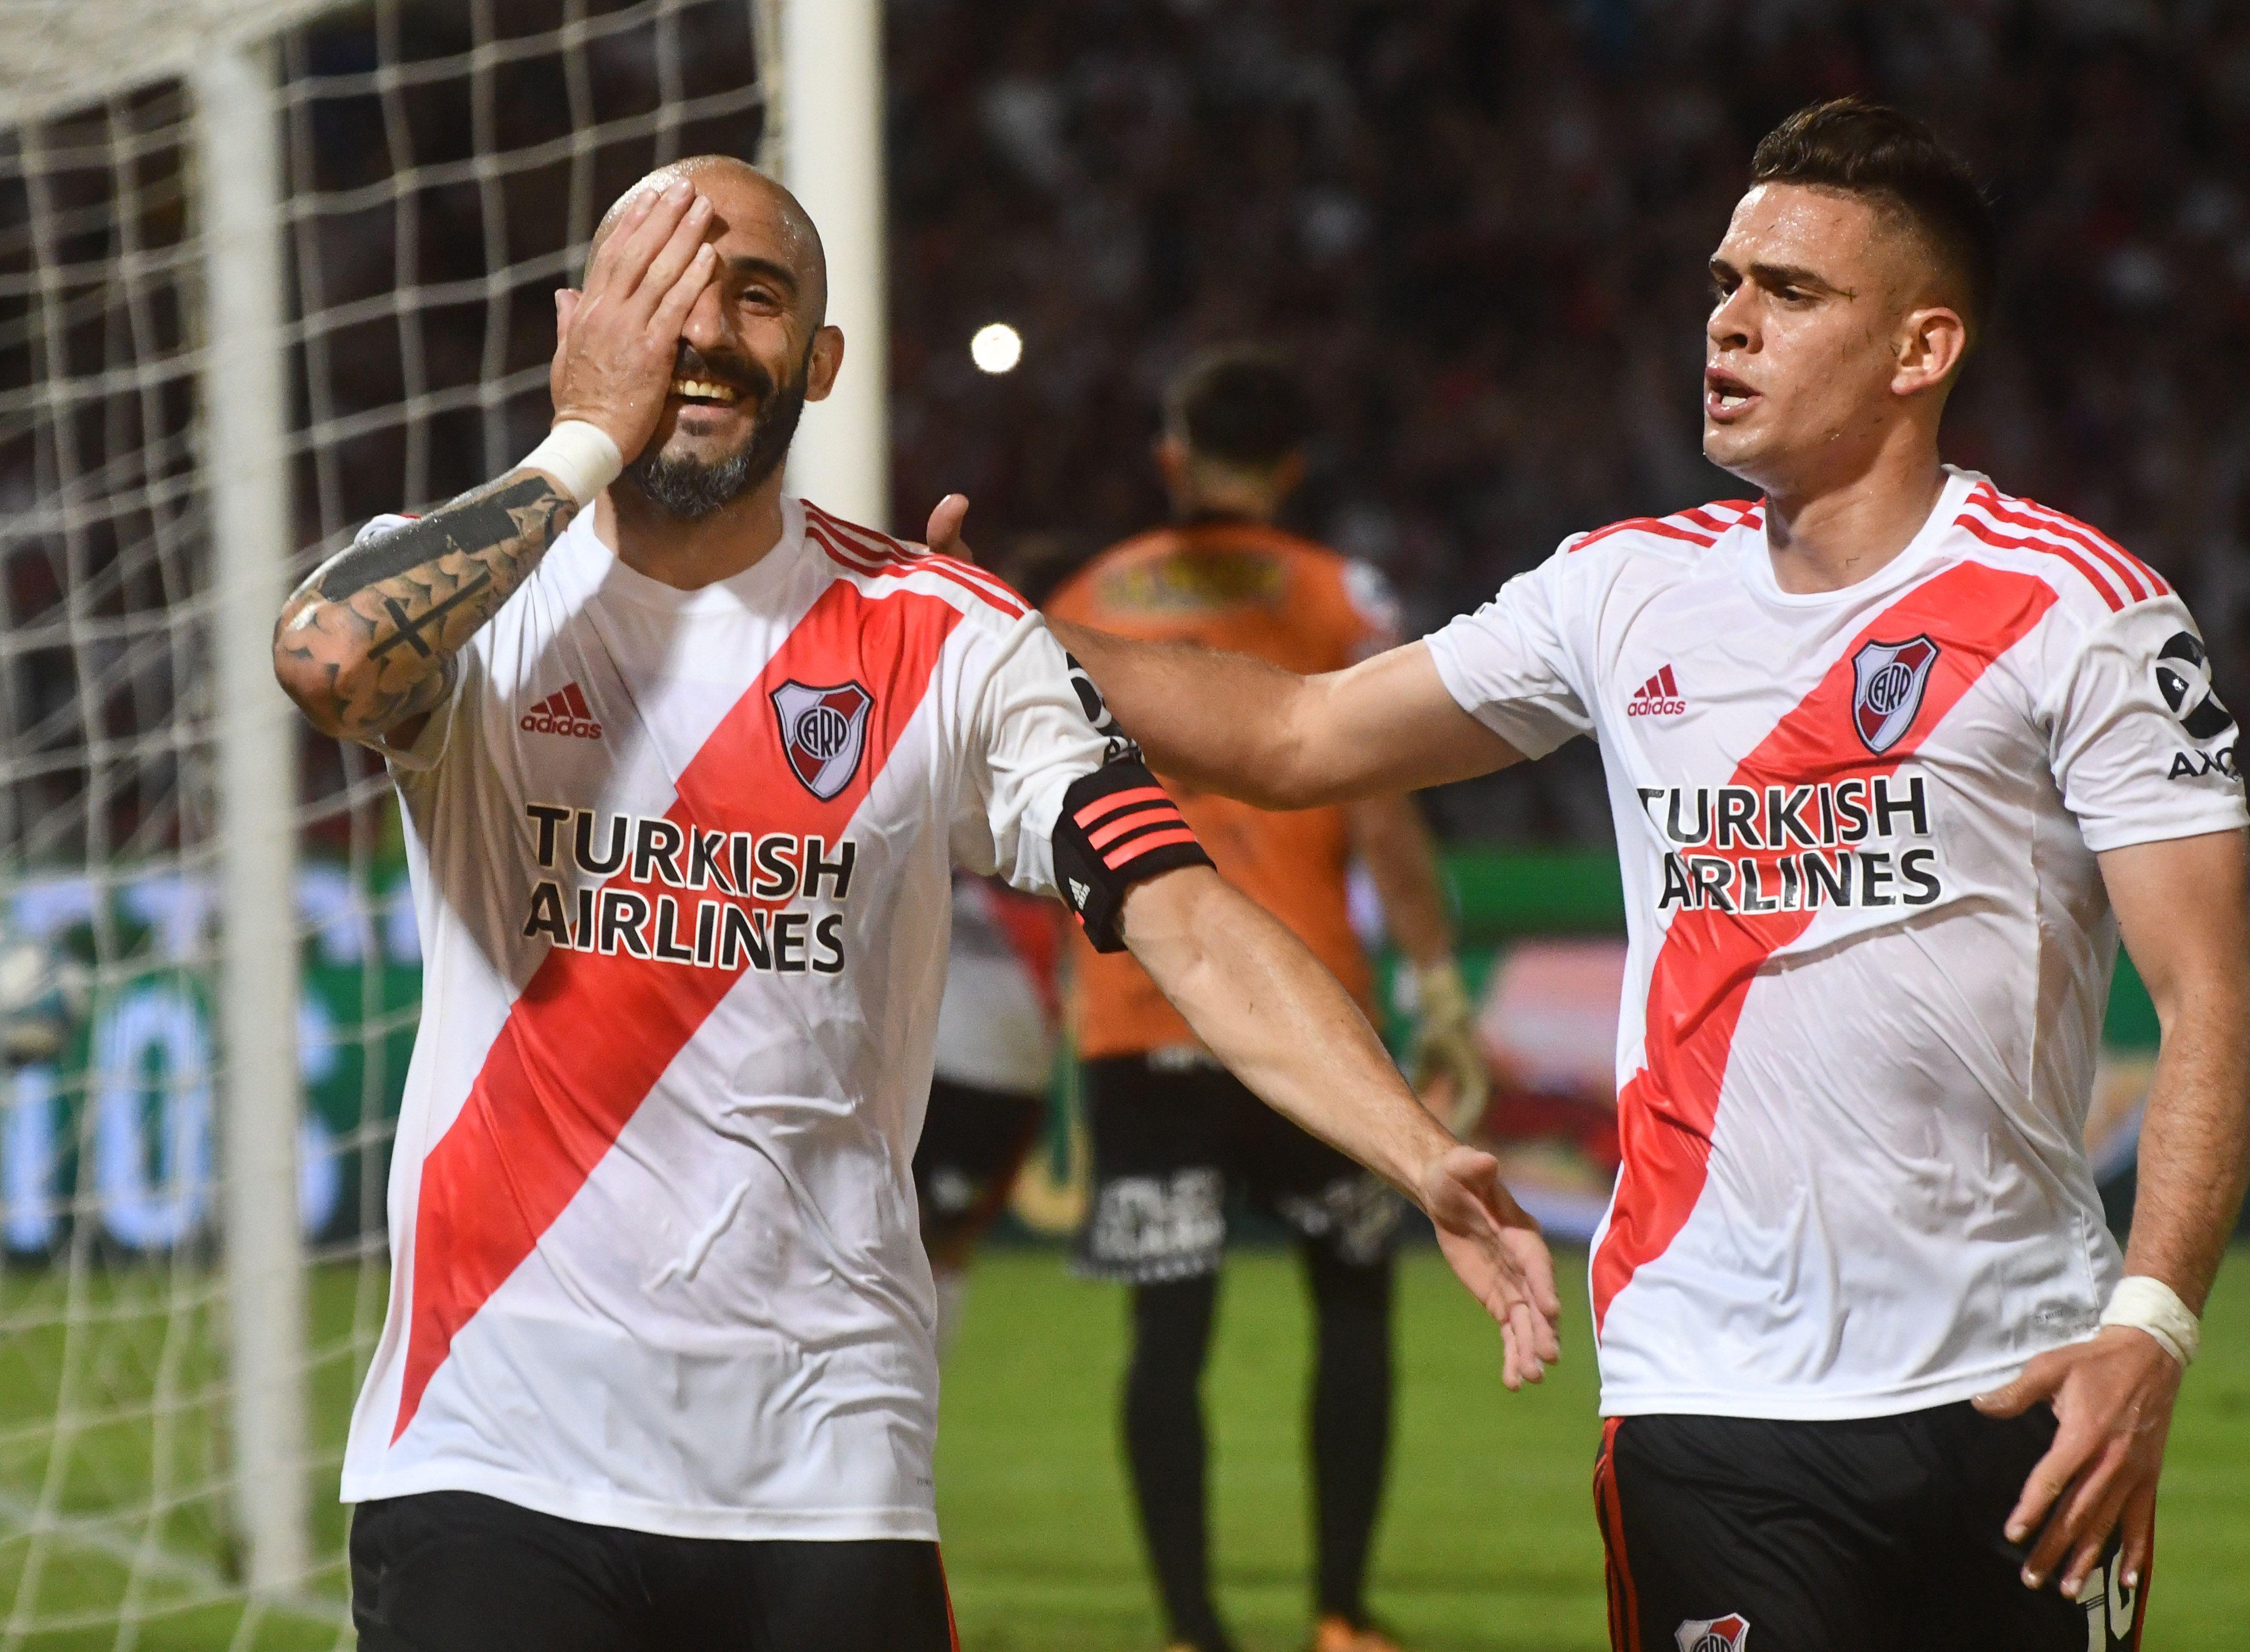 Confirmado: River y Central Córdoba jugarán la final de la Copa Argentina el viernes 13 de diciembre